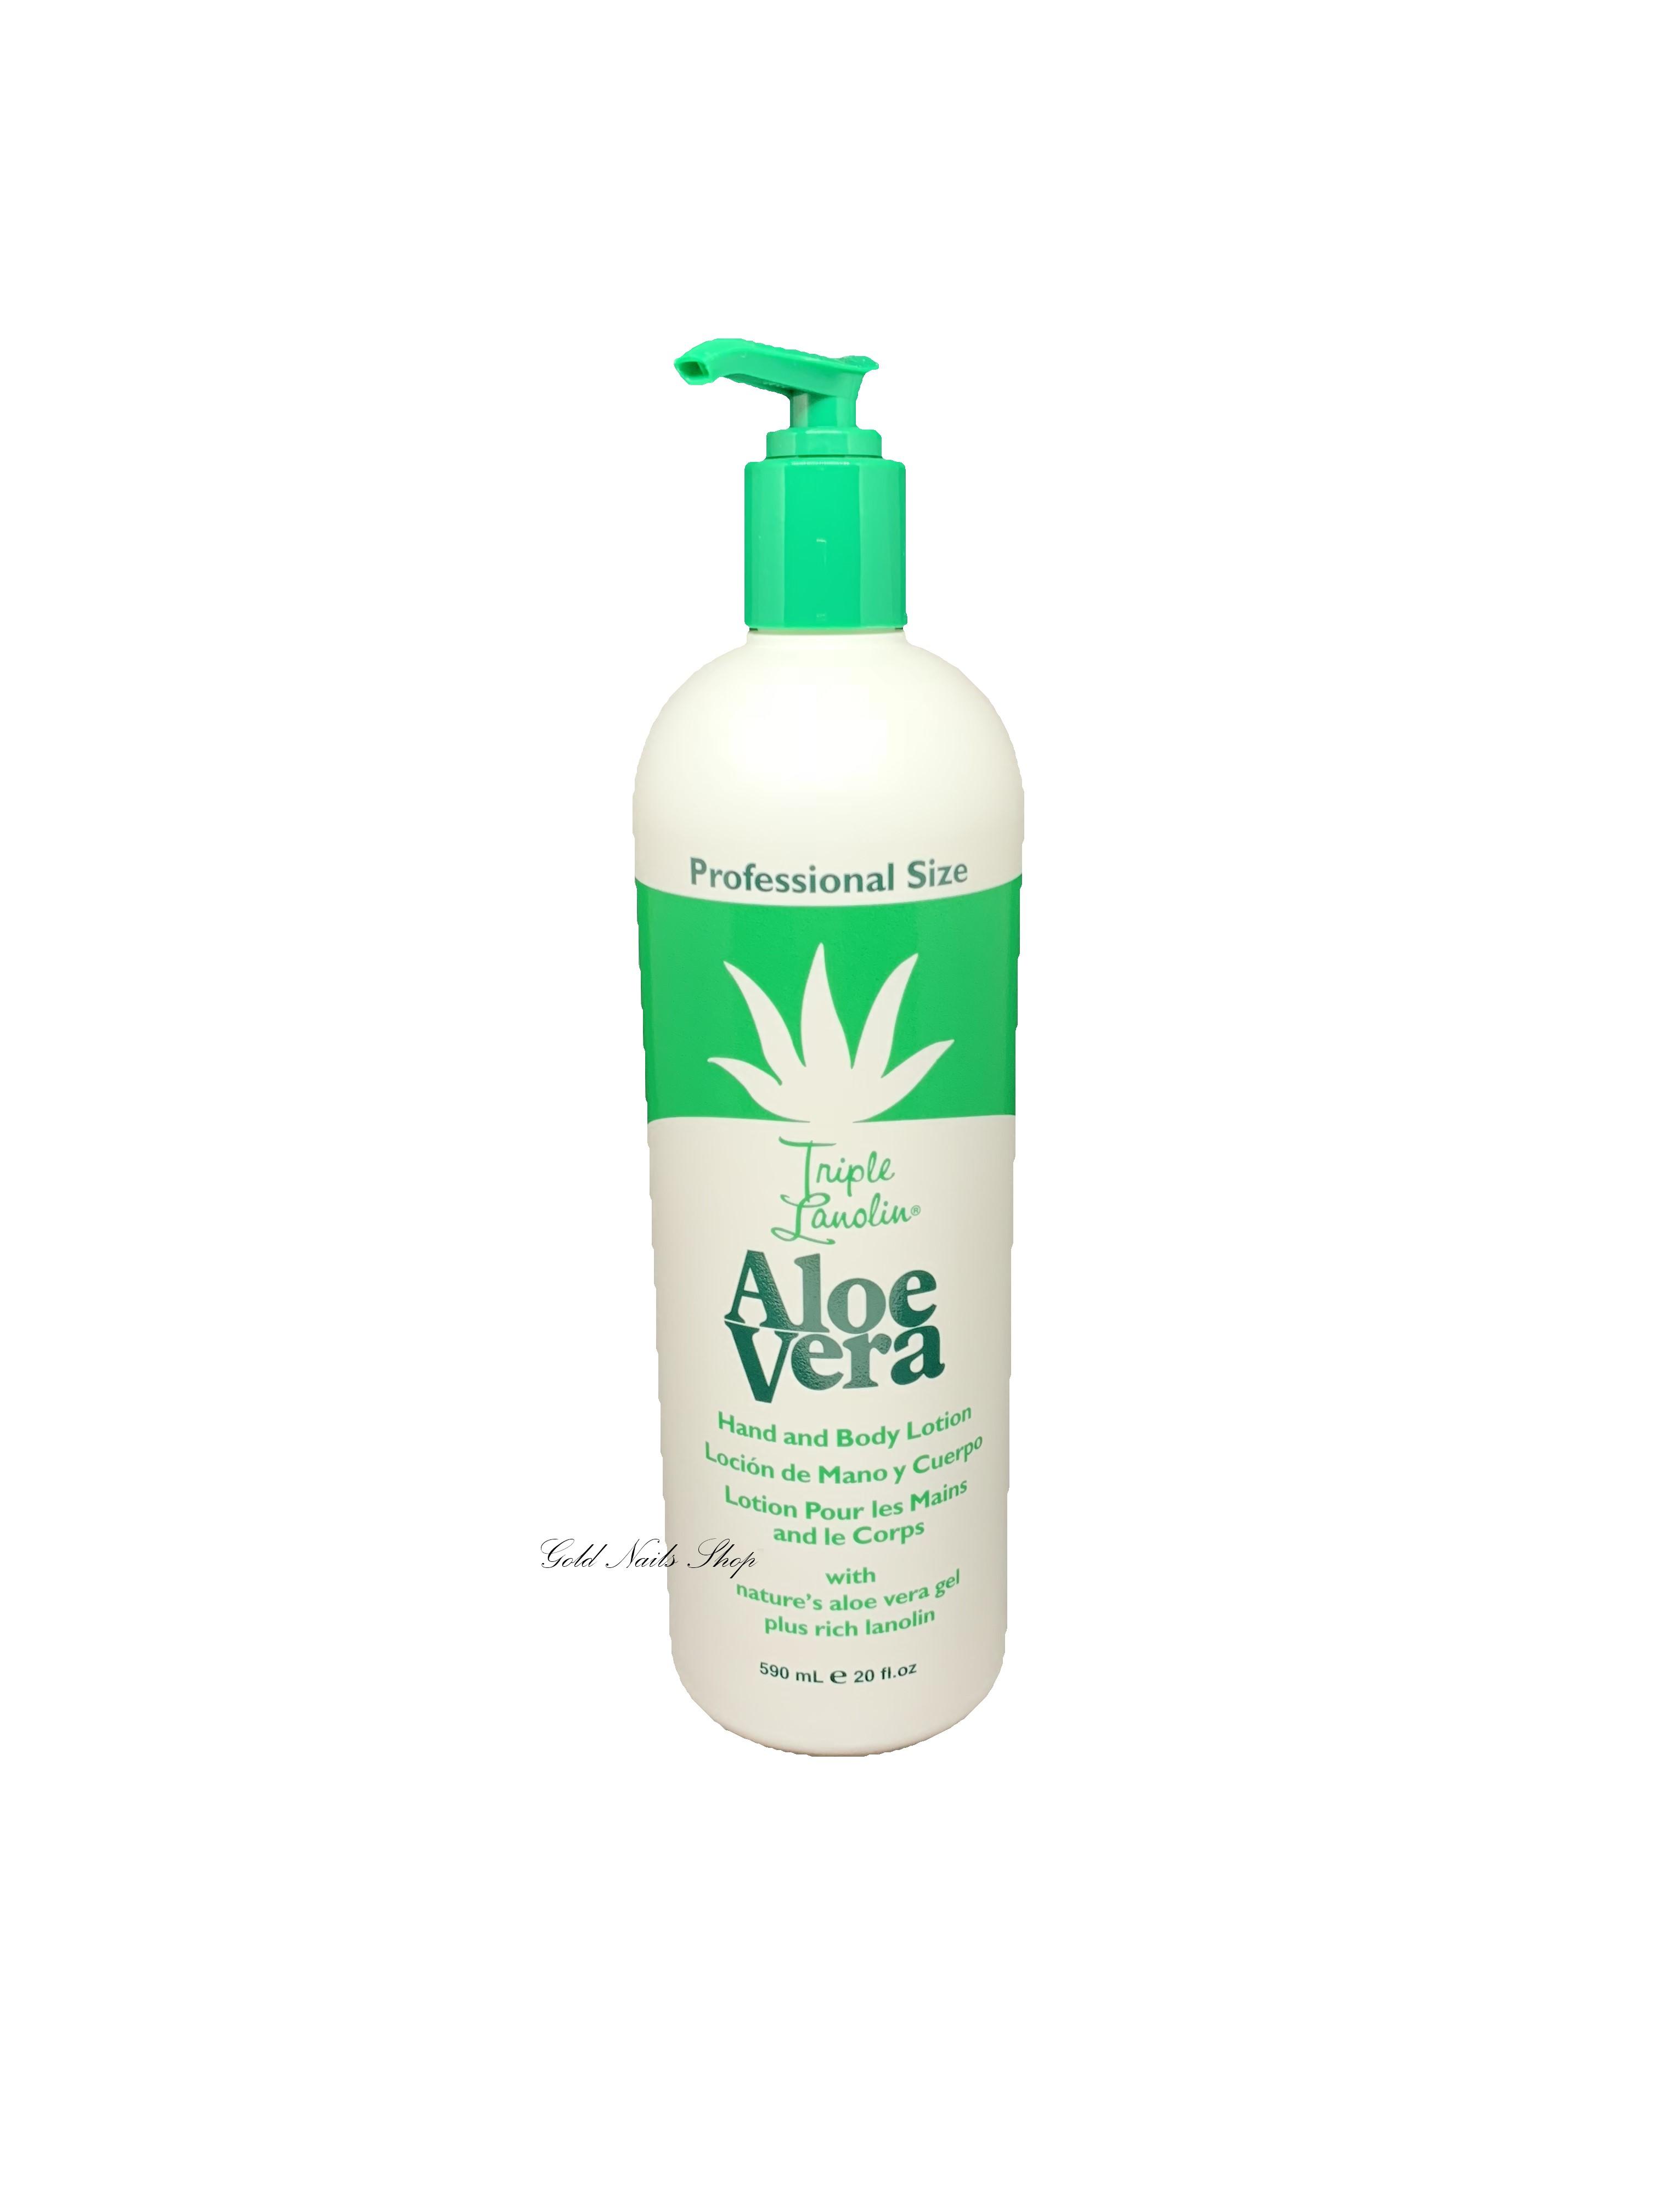 Aloe Vera Lotion 590 ml